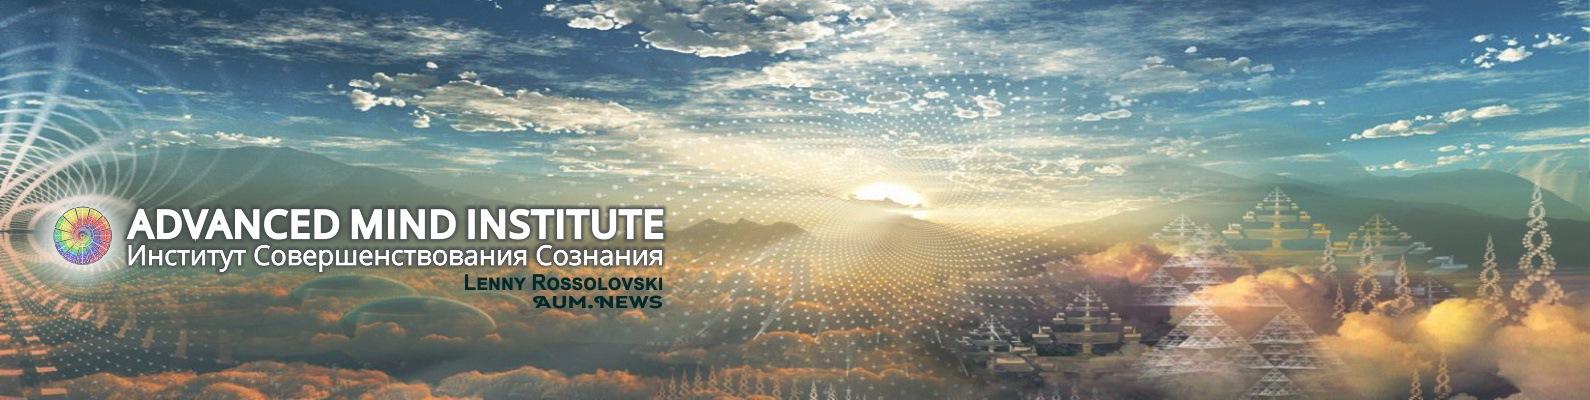 Медитации ленни россоловски похудение